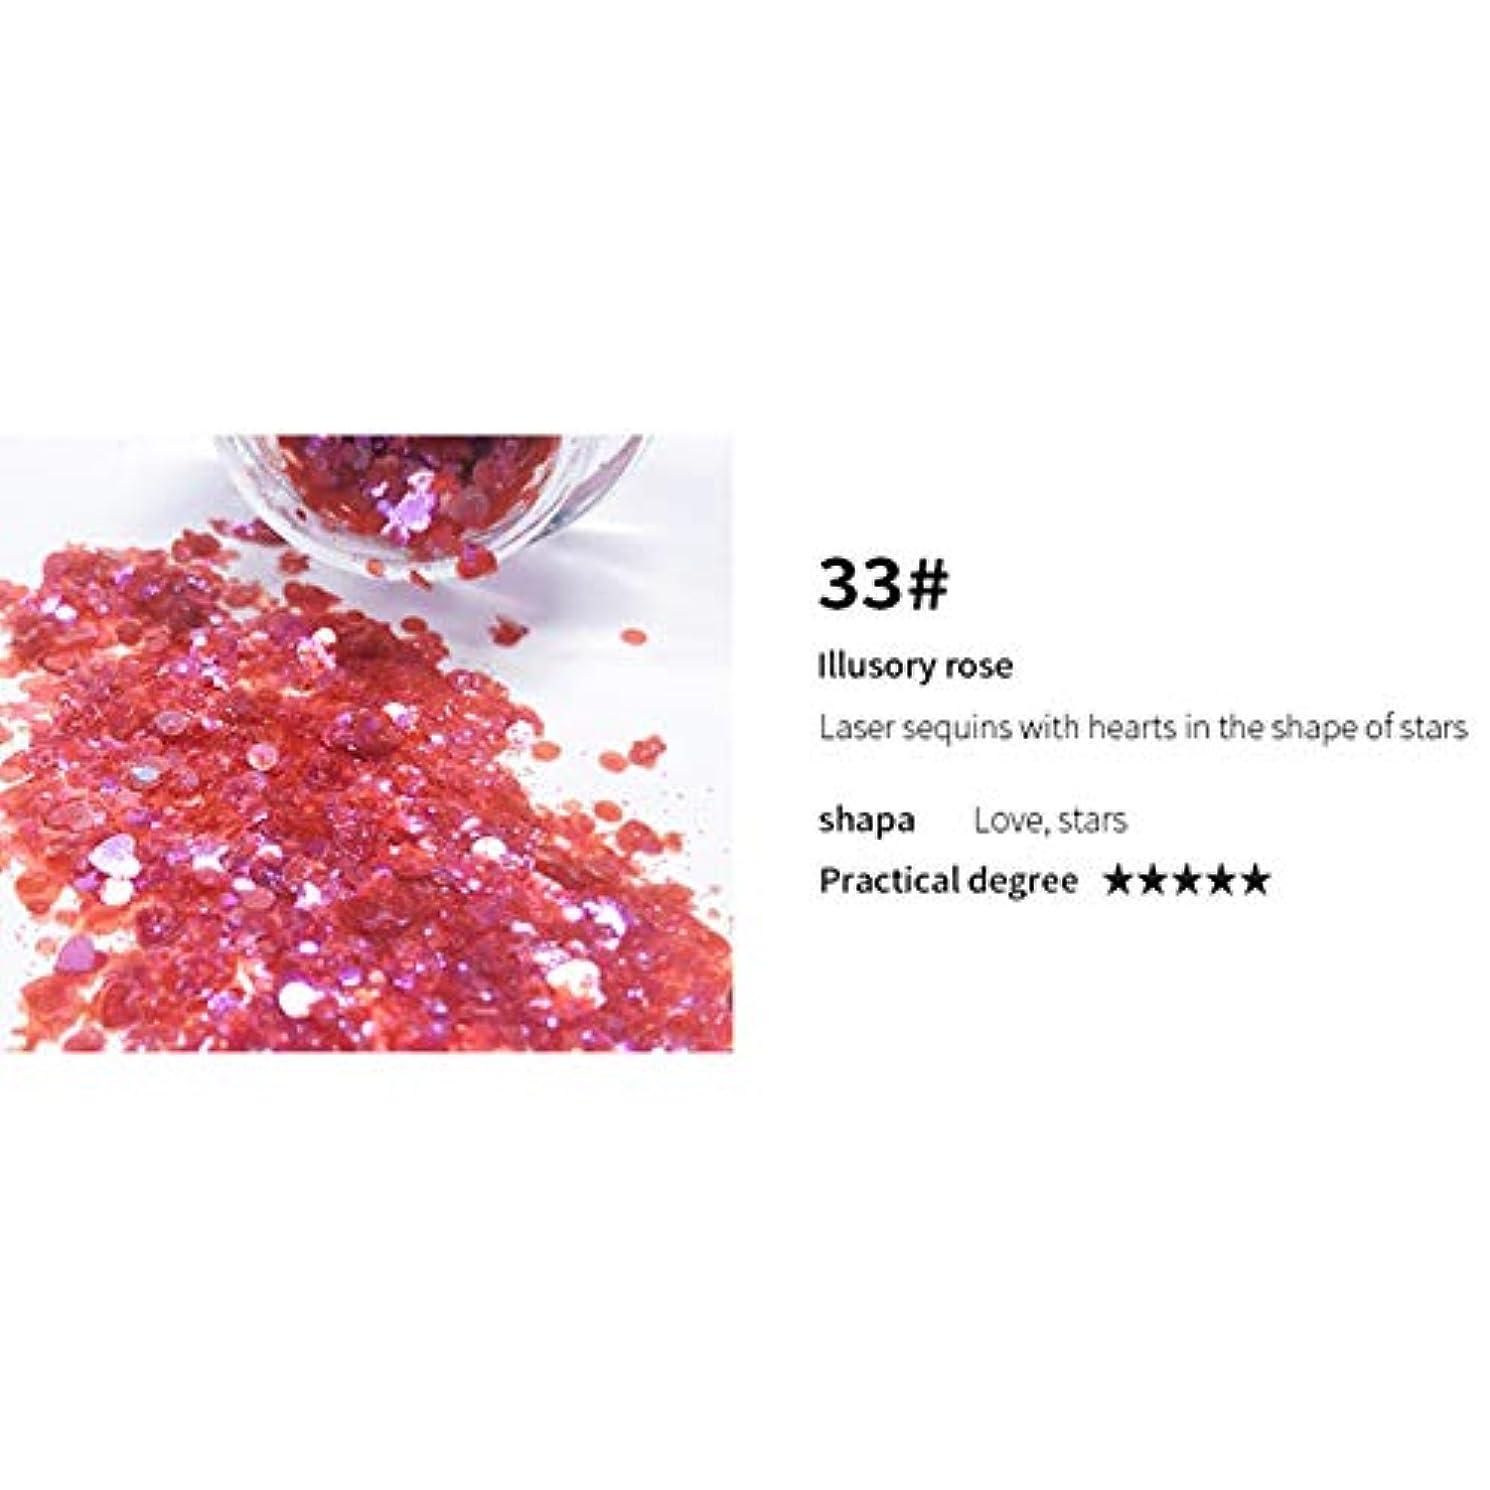 未亡人投げるスーダンACHICOO キラキラパウダー 34色 スパンコール パーティーメイク 輝く カラフル 顔·目·リップ·ボディ·ヘアグリッターフラッシュ ネイル化粧品 ファッション 女性 33#